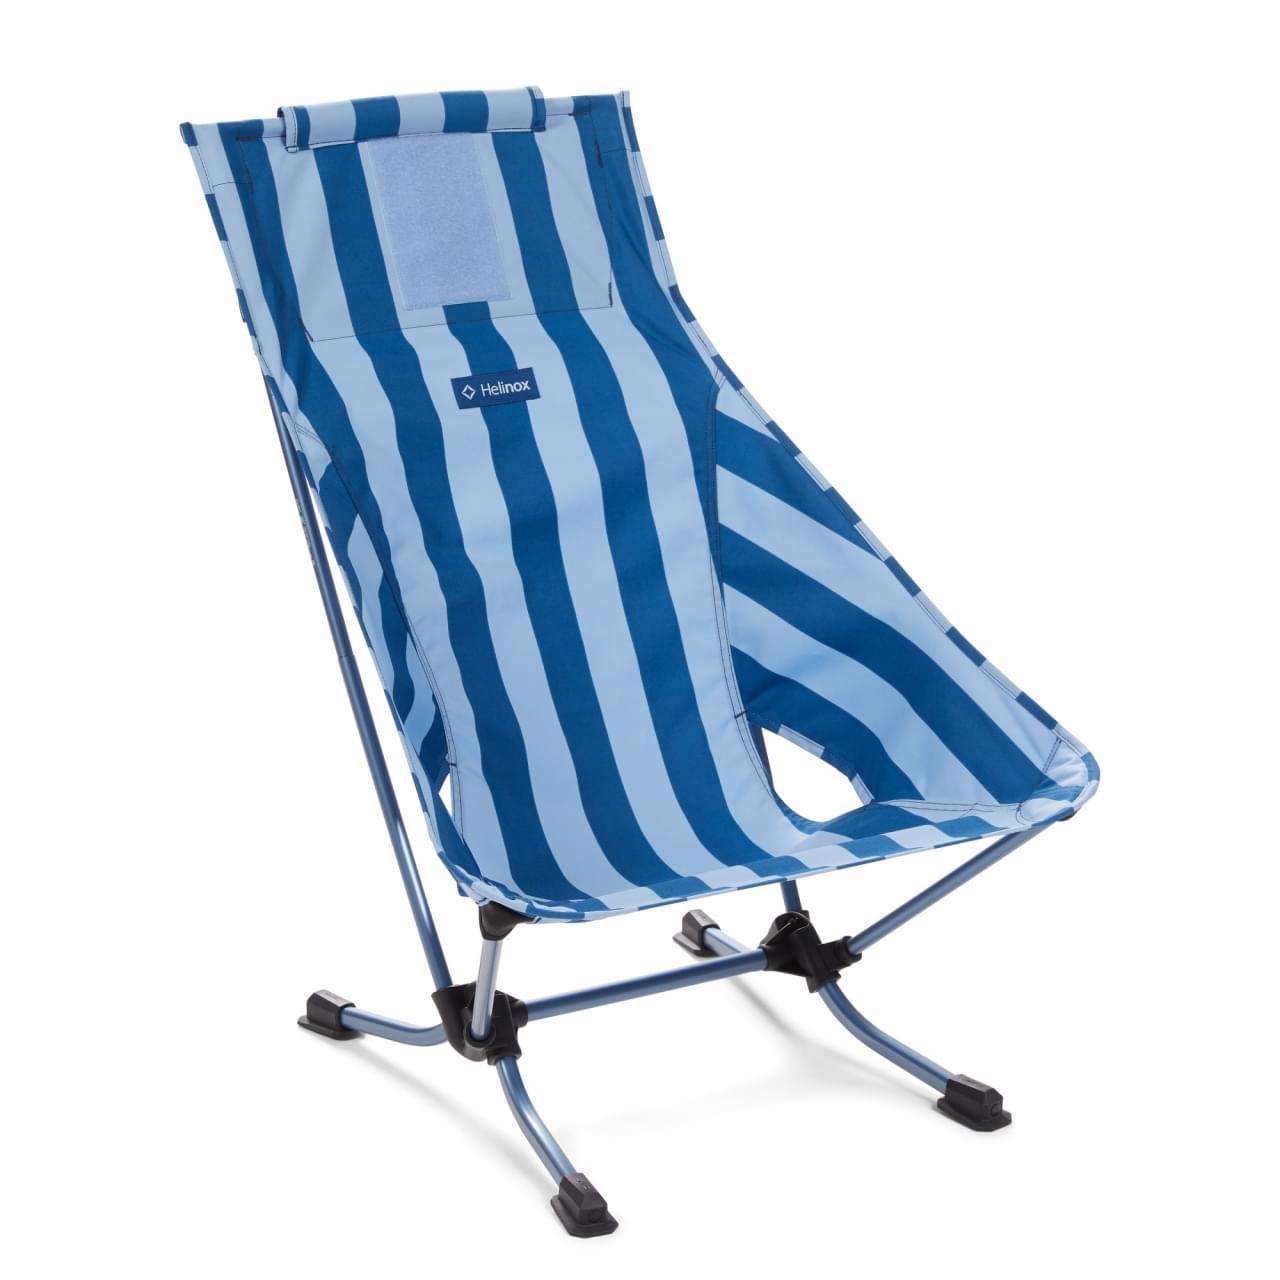 Helinox Beach Chair Stripe Lichtgewicht Stoel - Blauw